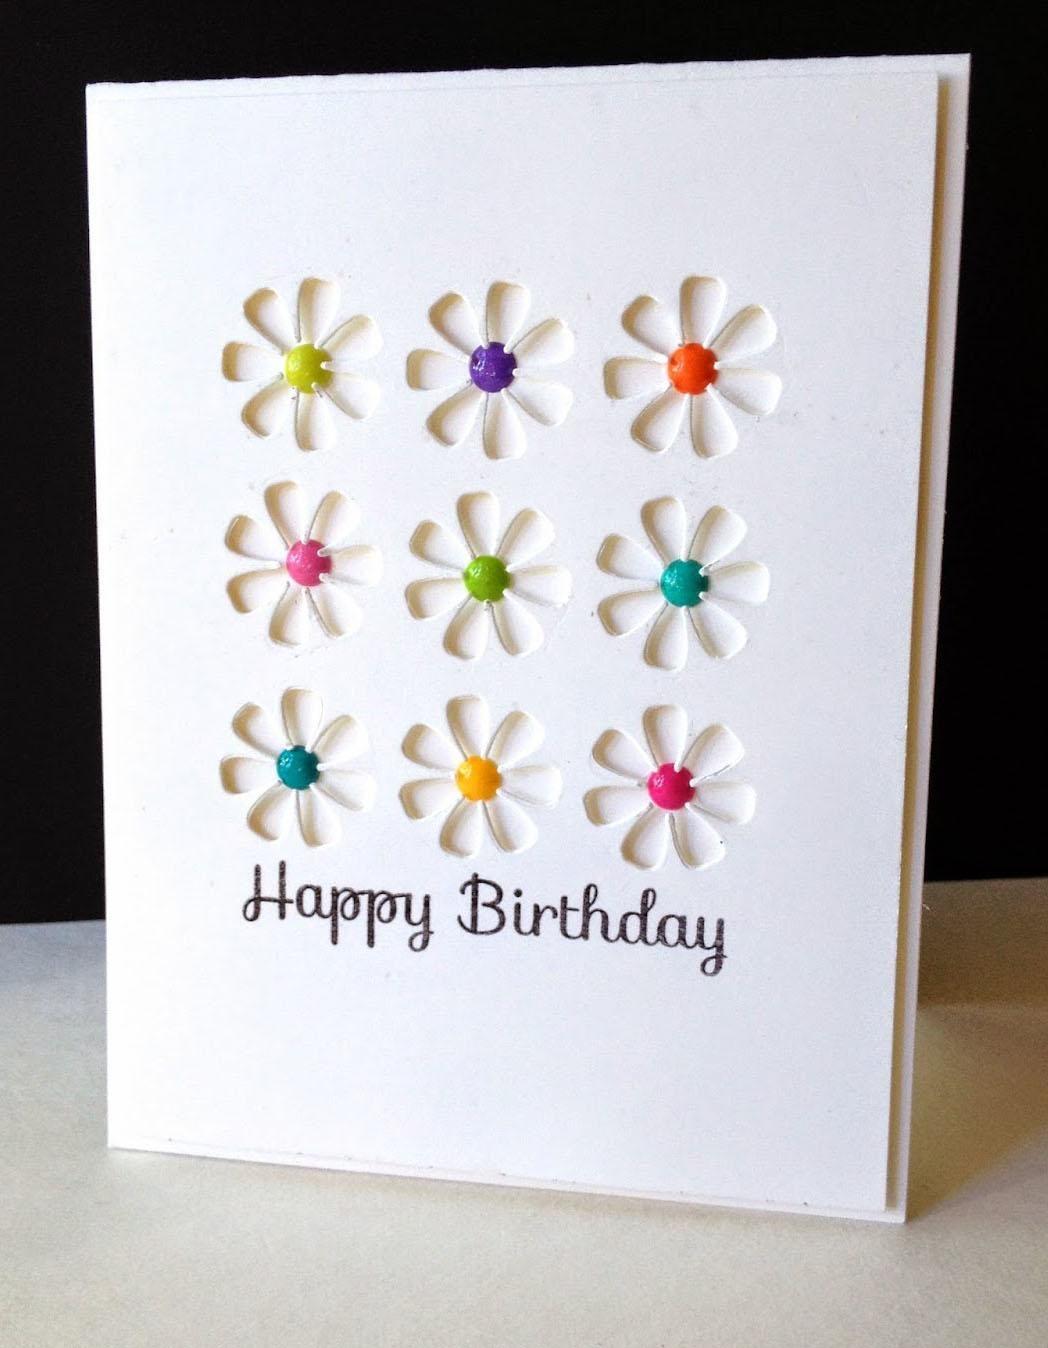 65 Cool Diy Birthday Cards Ideas Birthday Cards Diy Card Making Birthday Cricut Birthday Cards